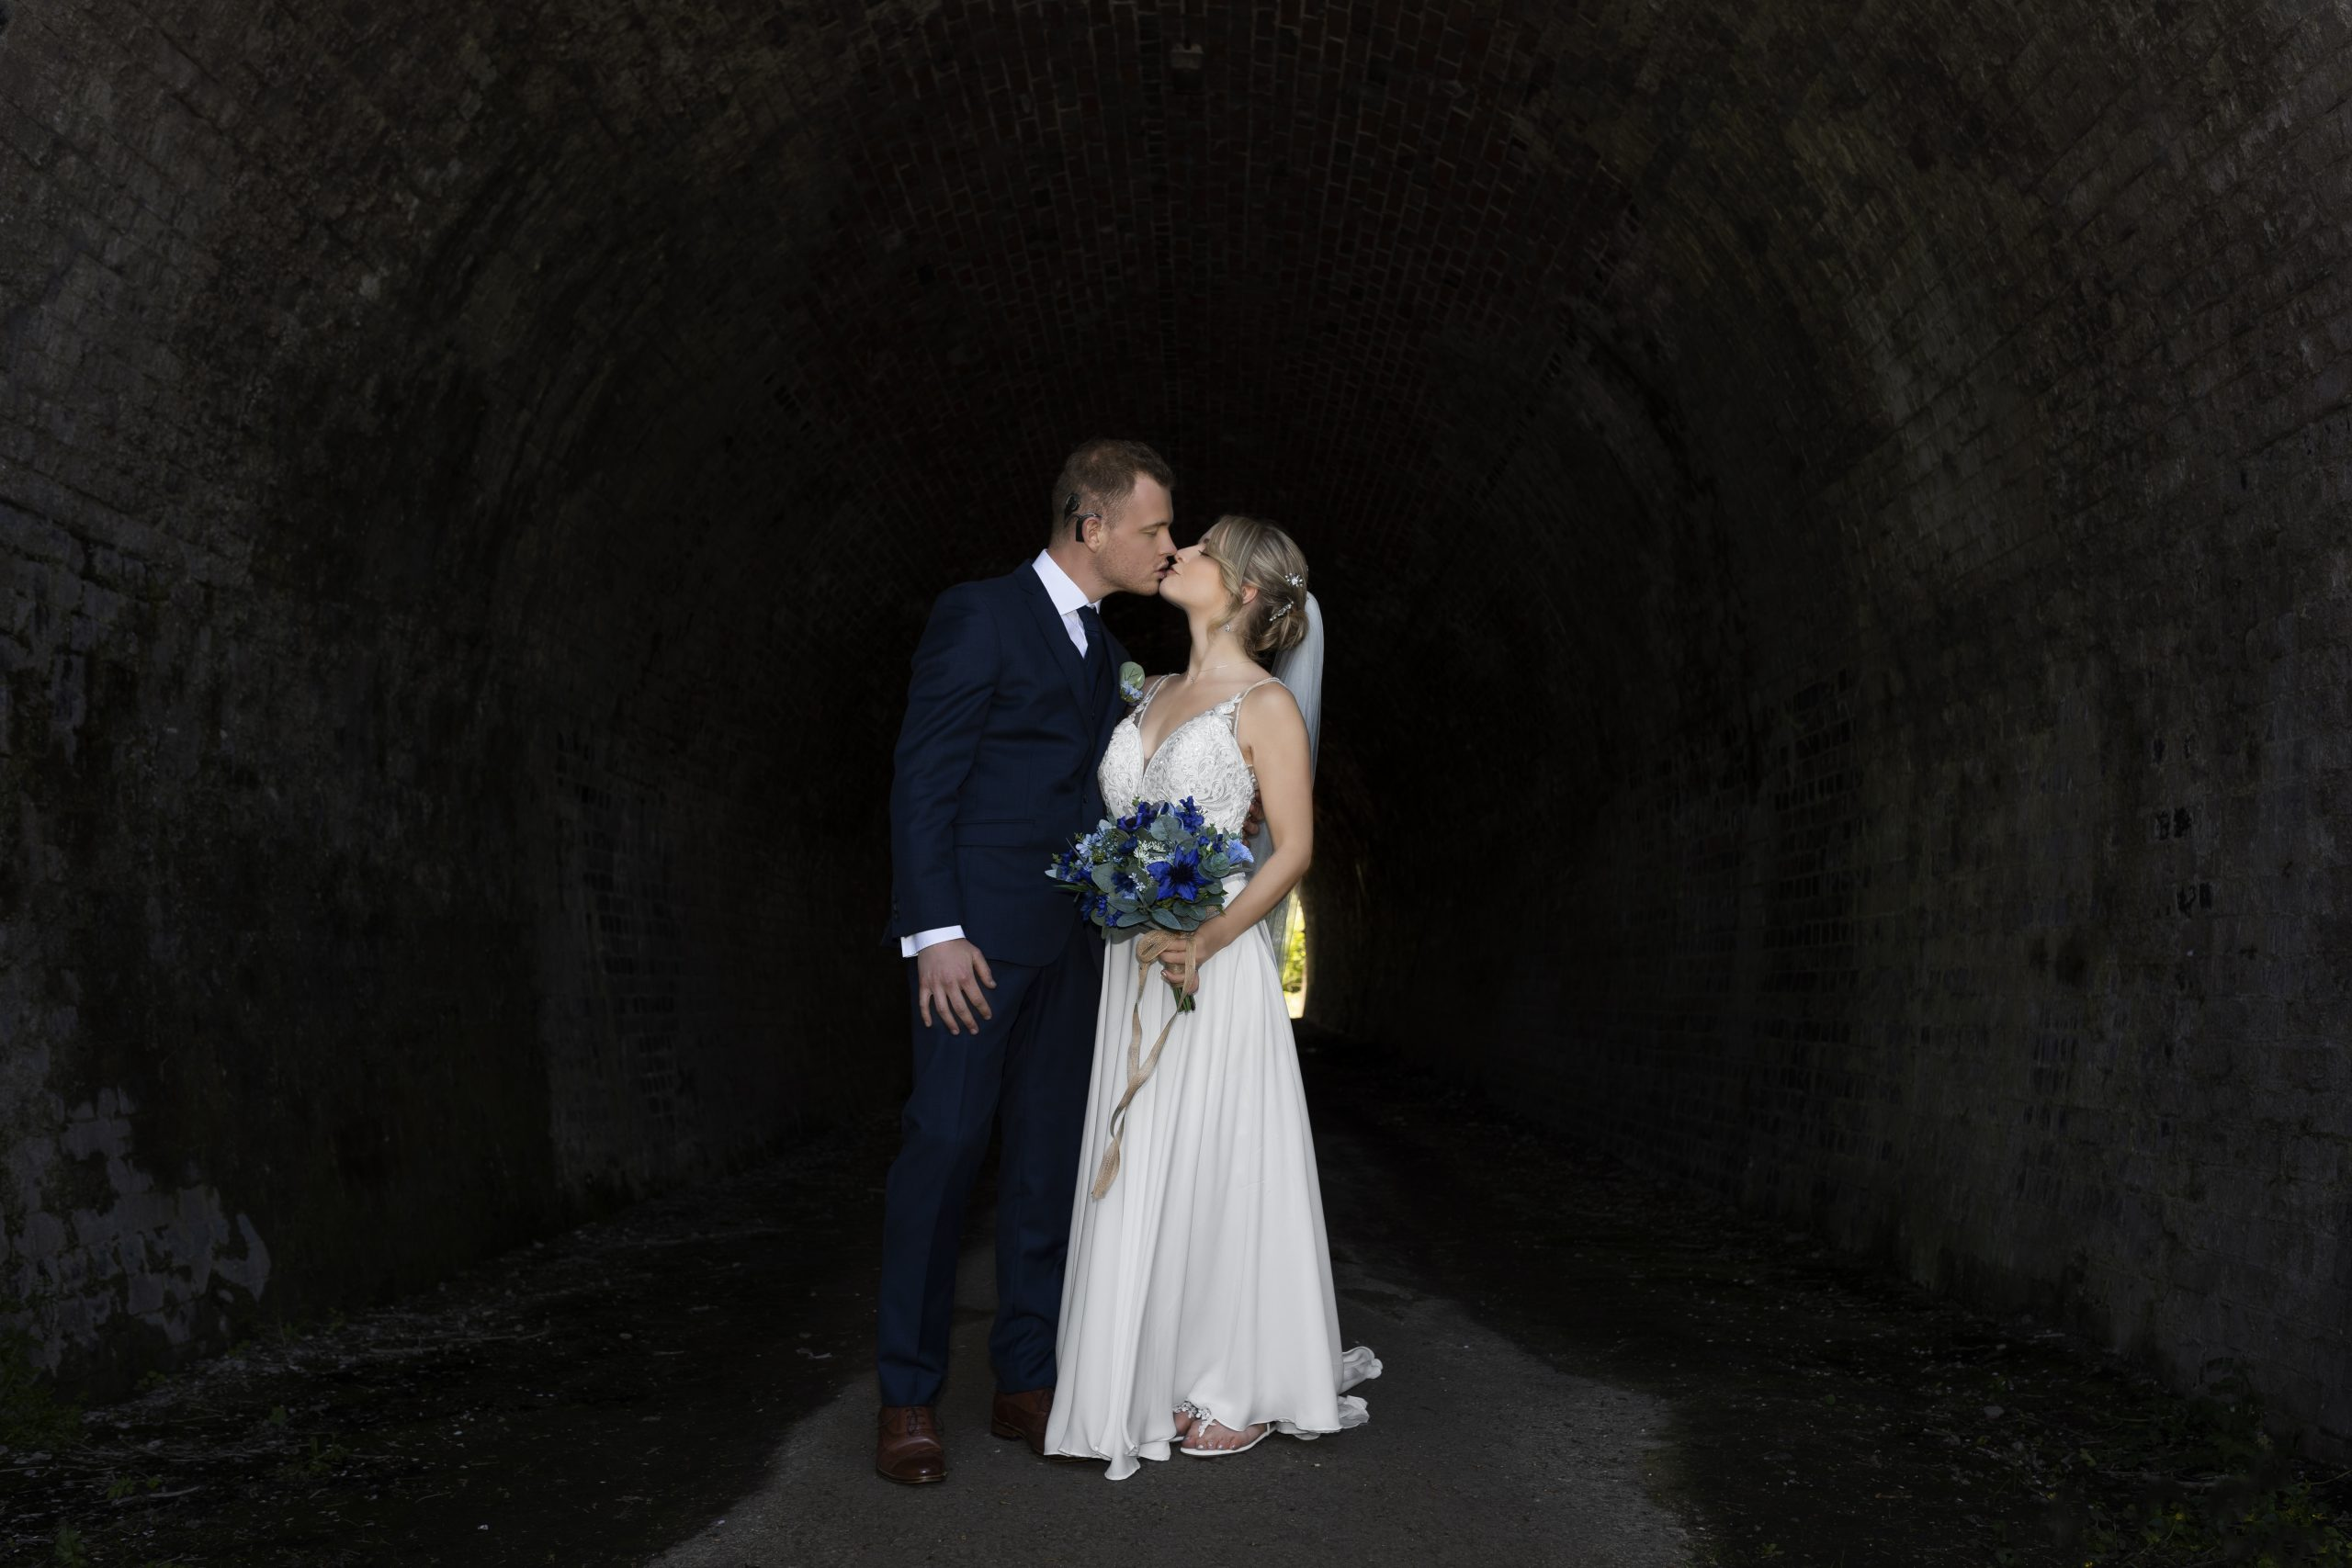 Nicola and Joshua Wedding 2021